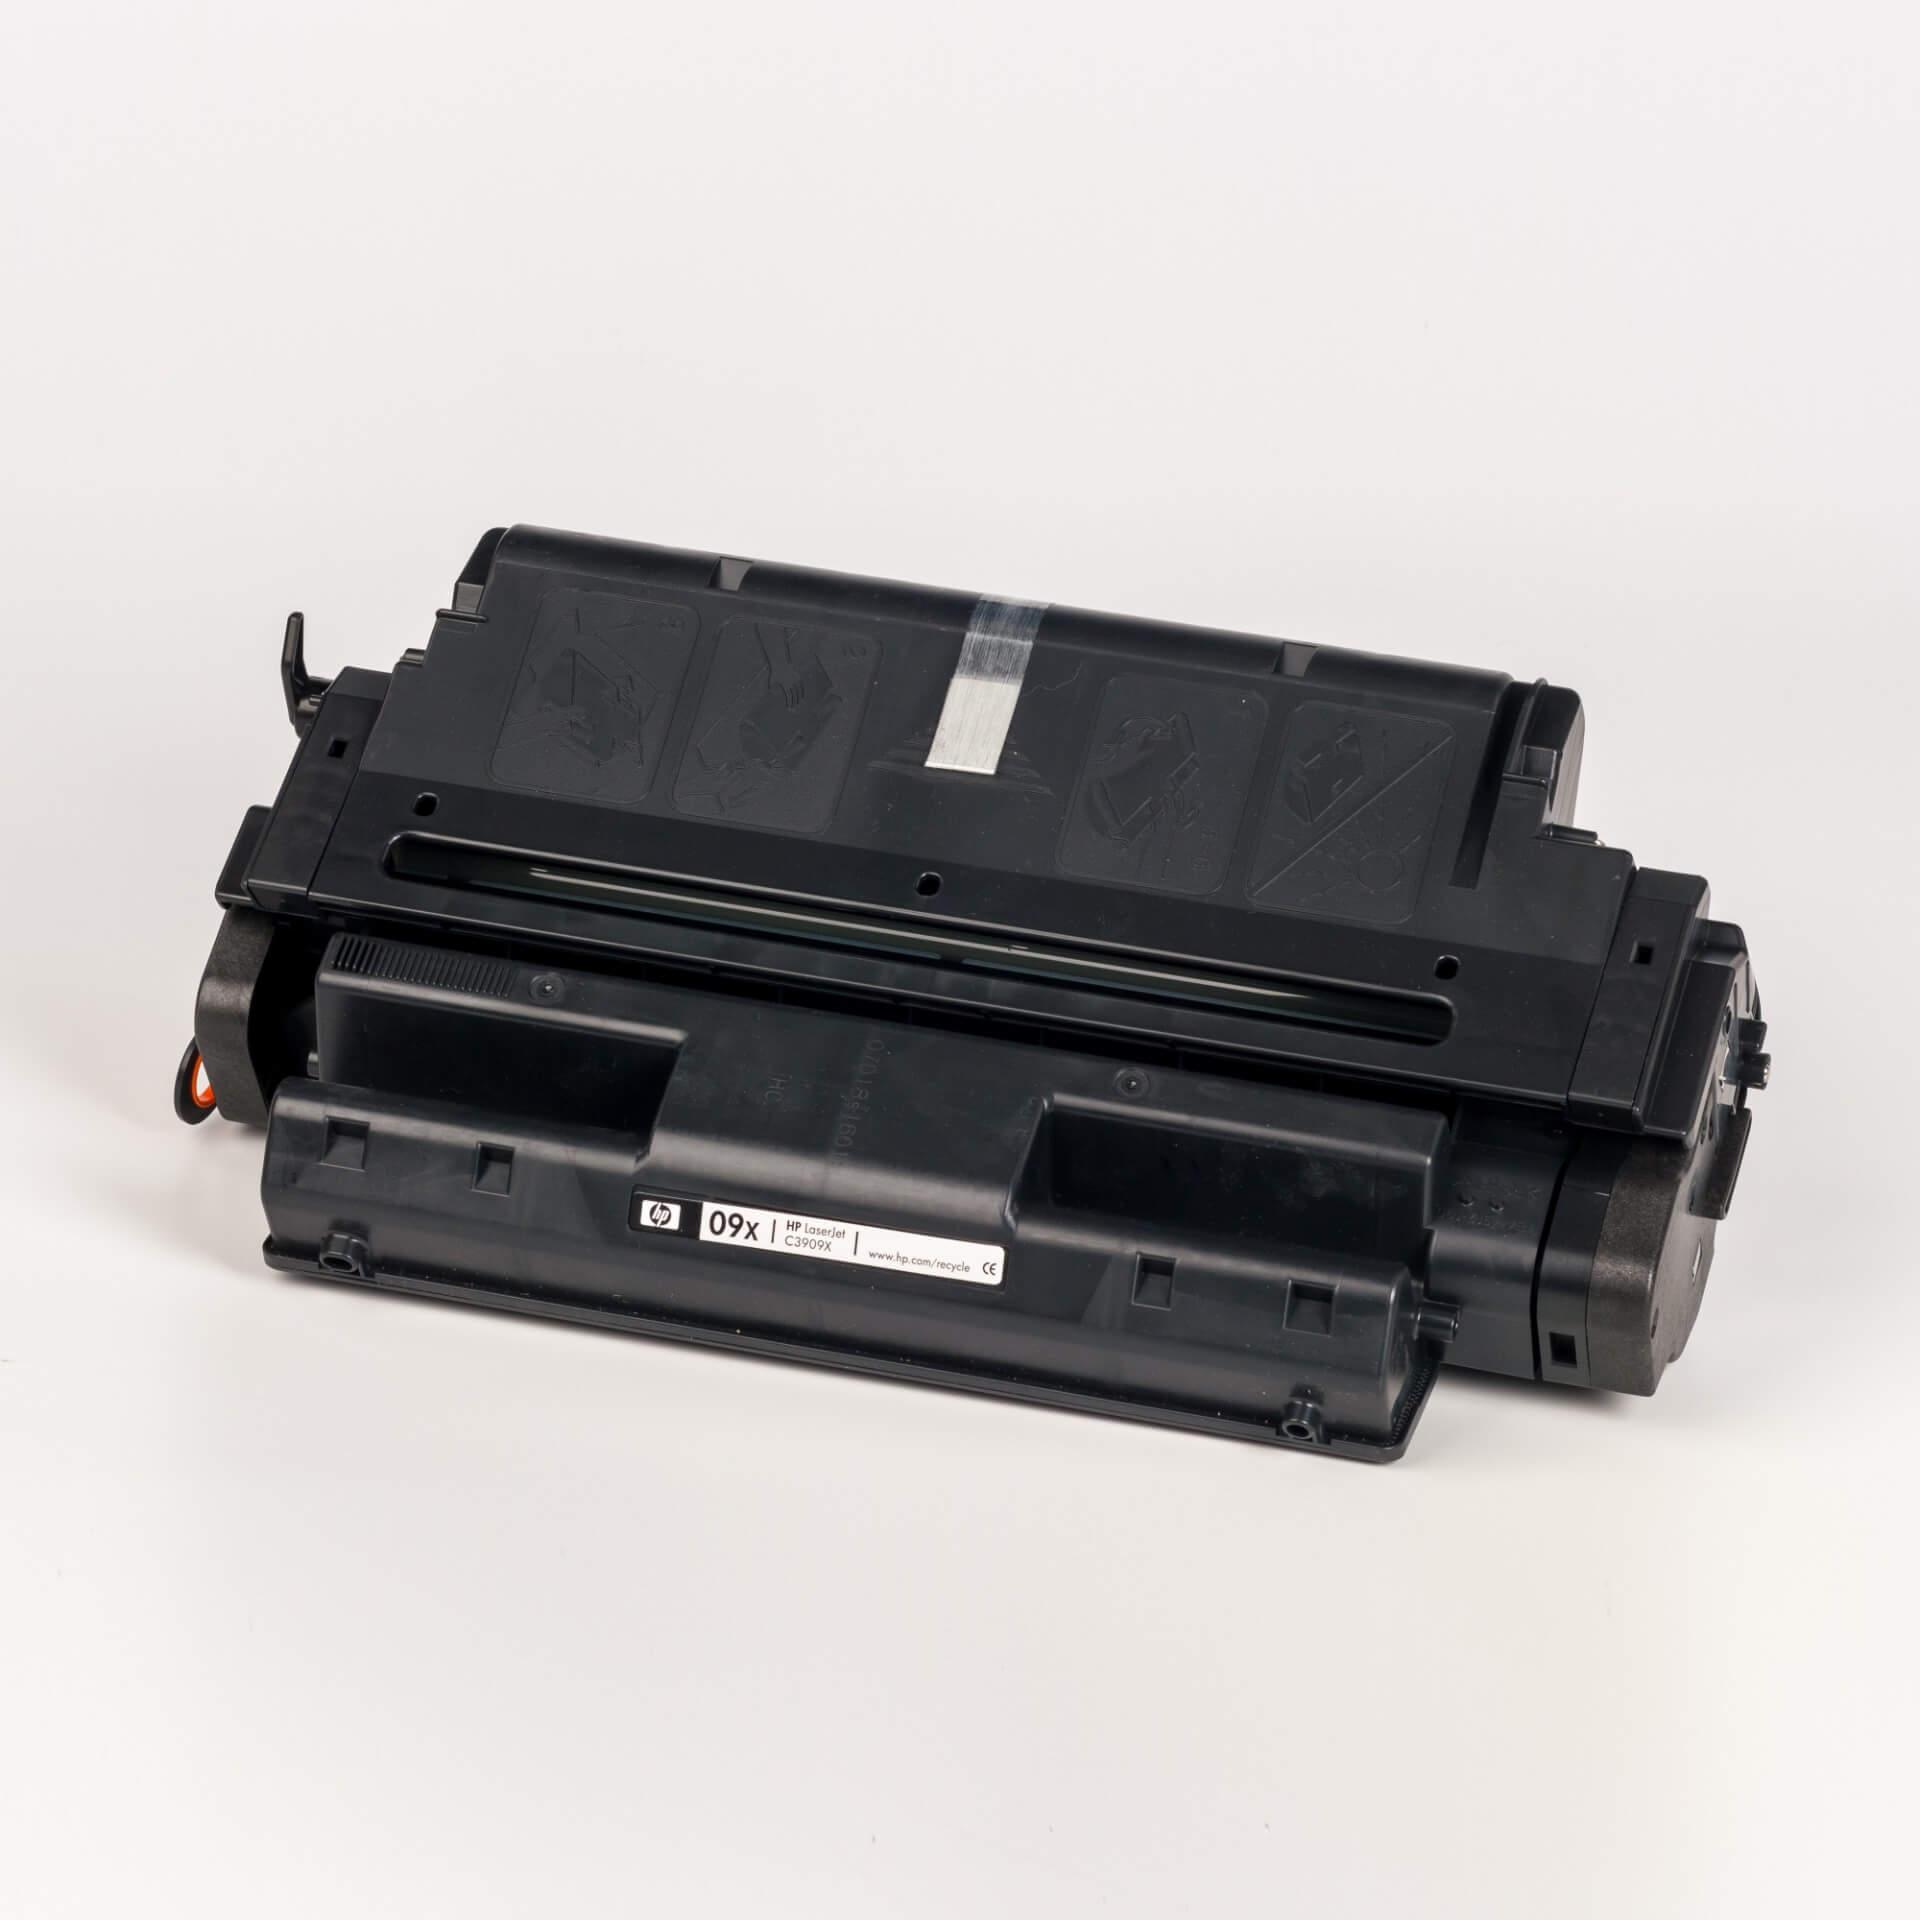 Auf dem Bild sehen Sie eine HP 09X (C3909X) Schwarz Original Tonerkartusche